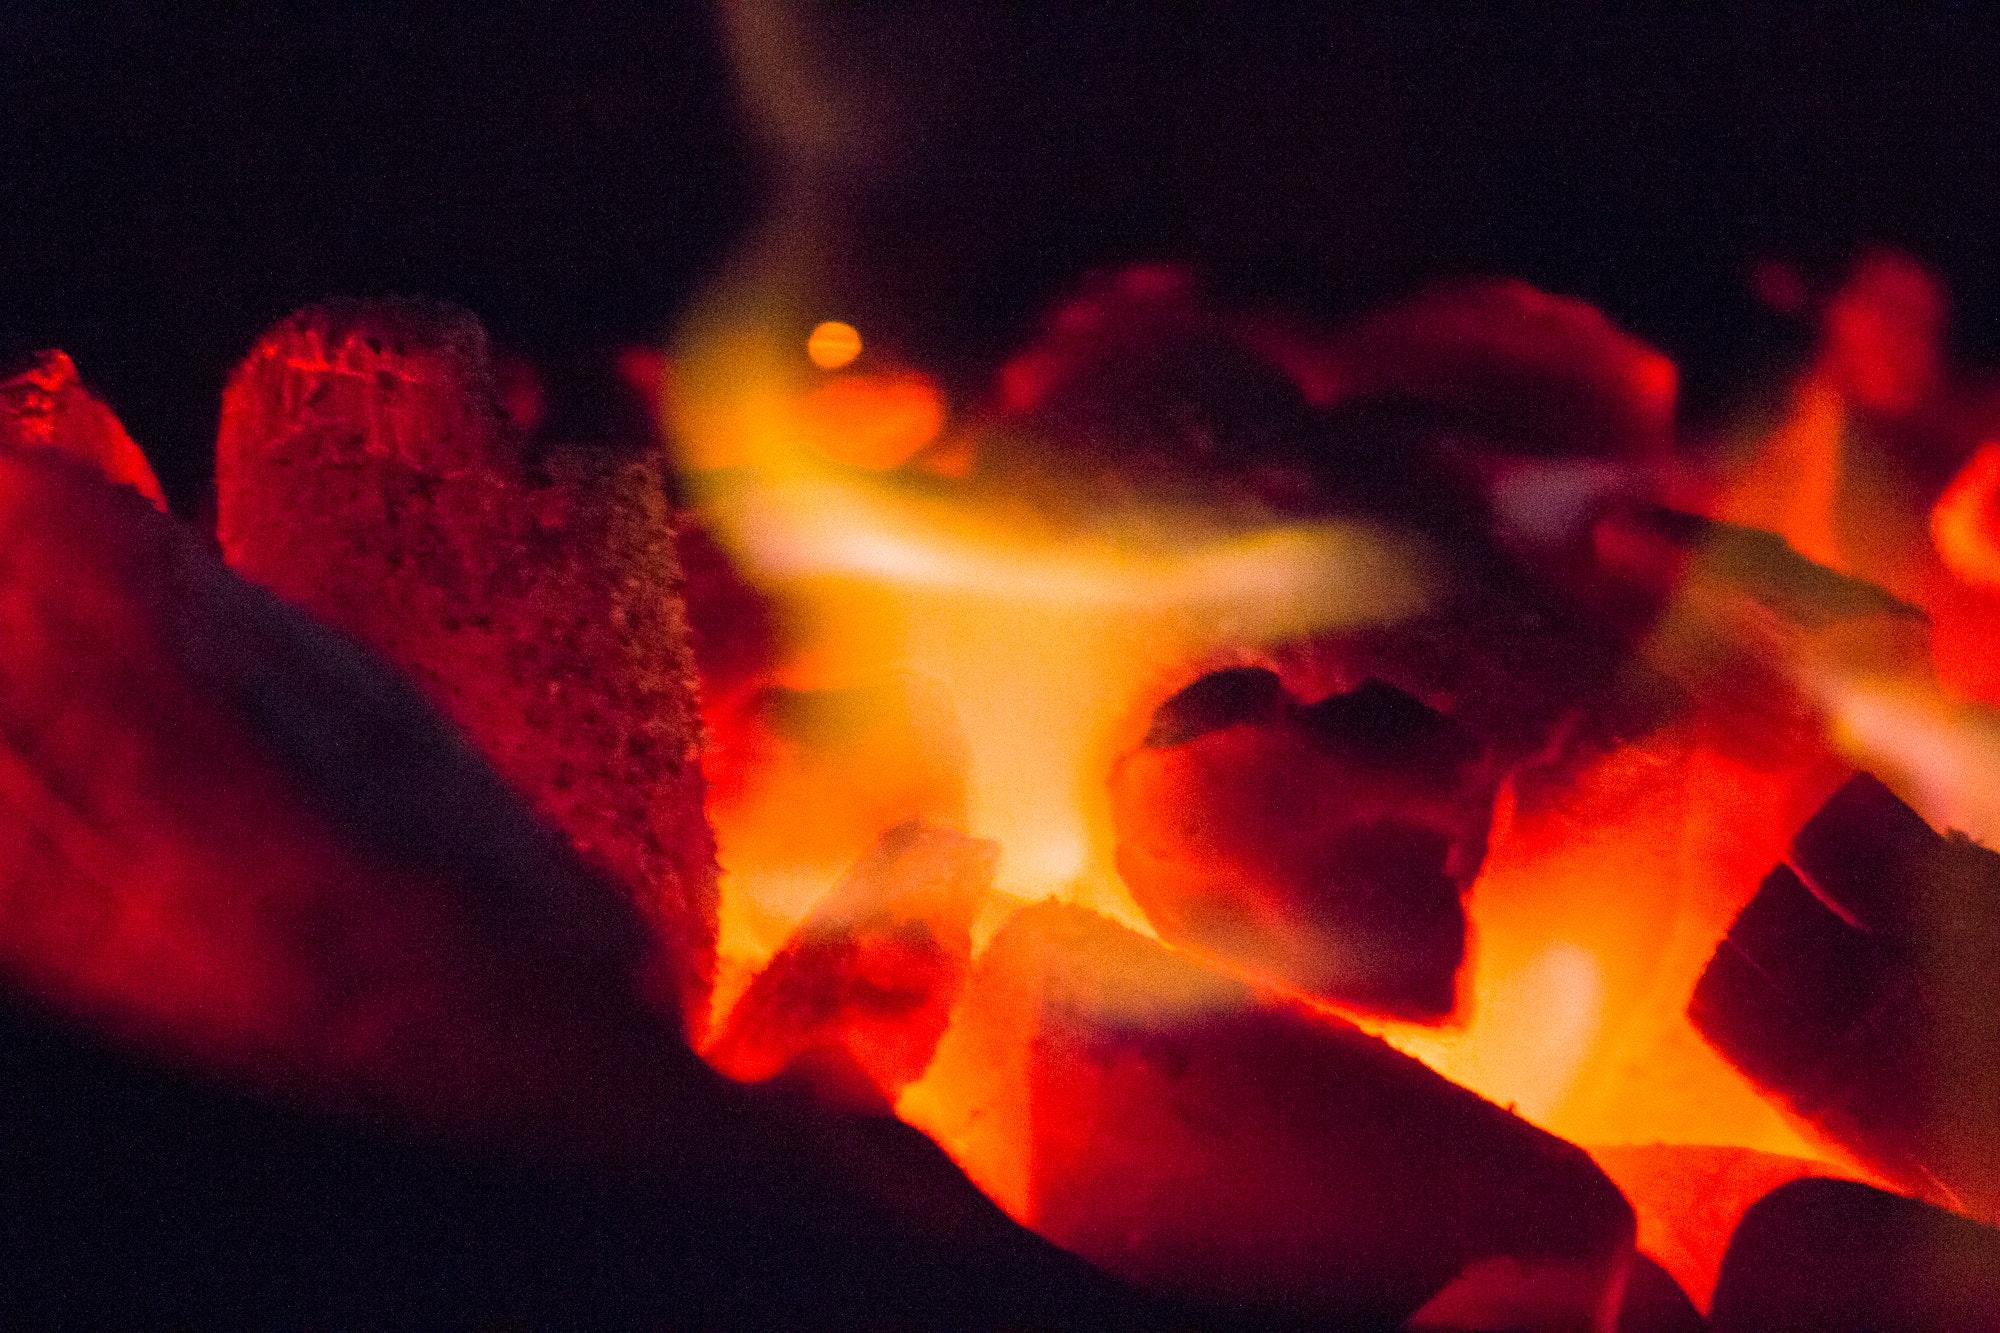 Hình ảnh ngọn lửa hồng bập bùng